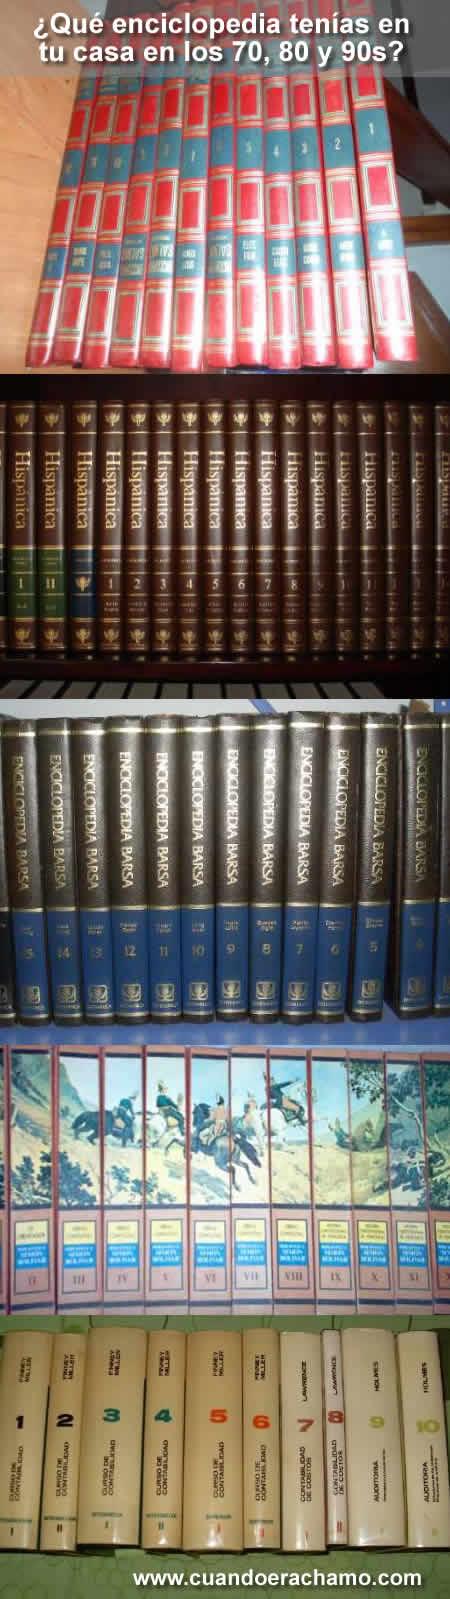 enciclopedias de los 70, 80 y 90